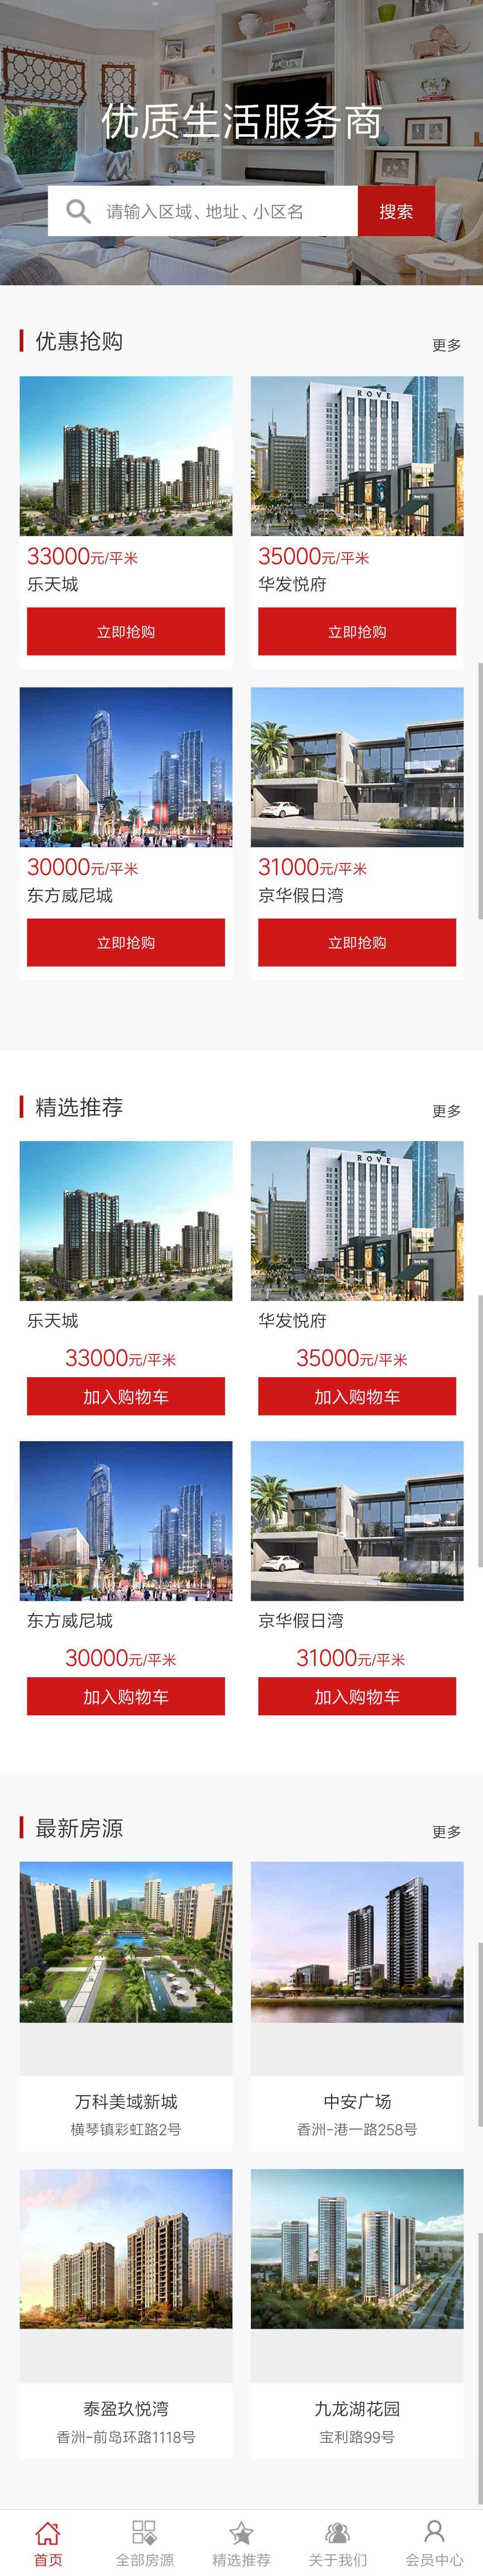 房地产小程序商城模板